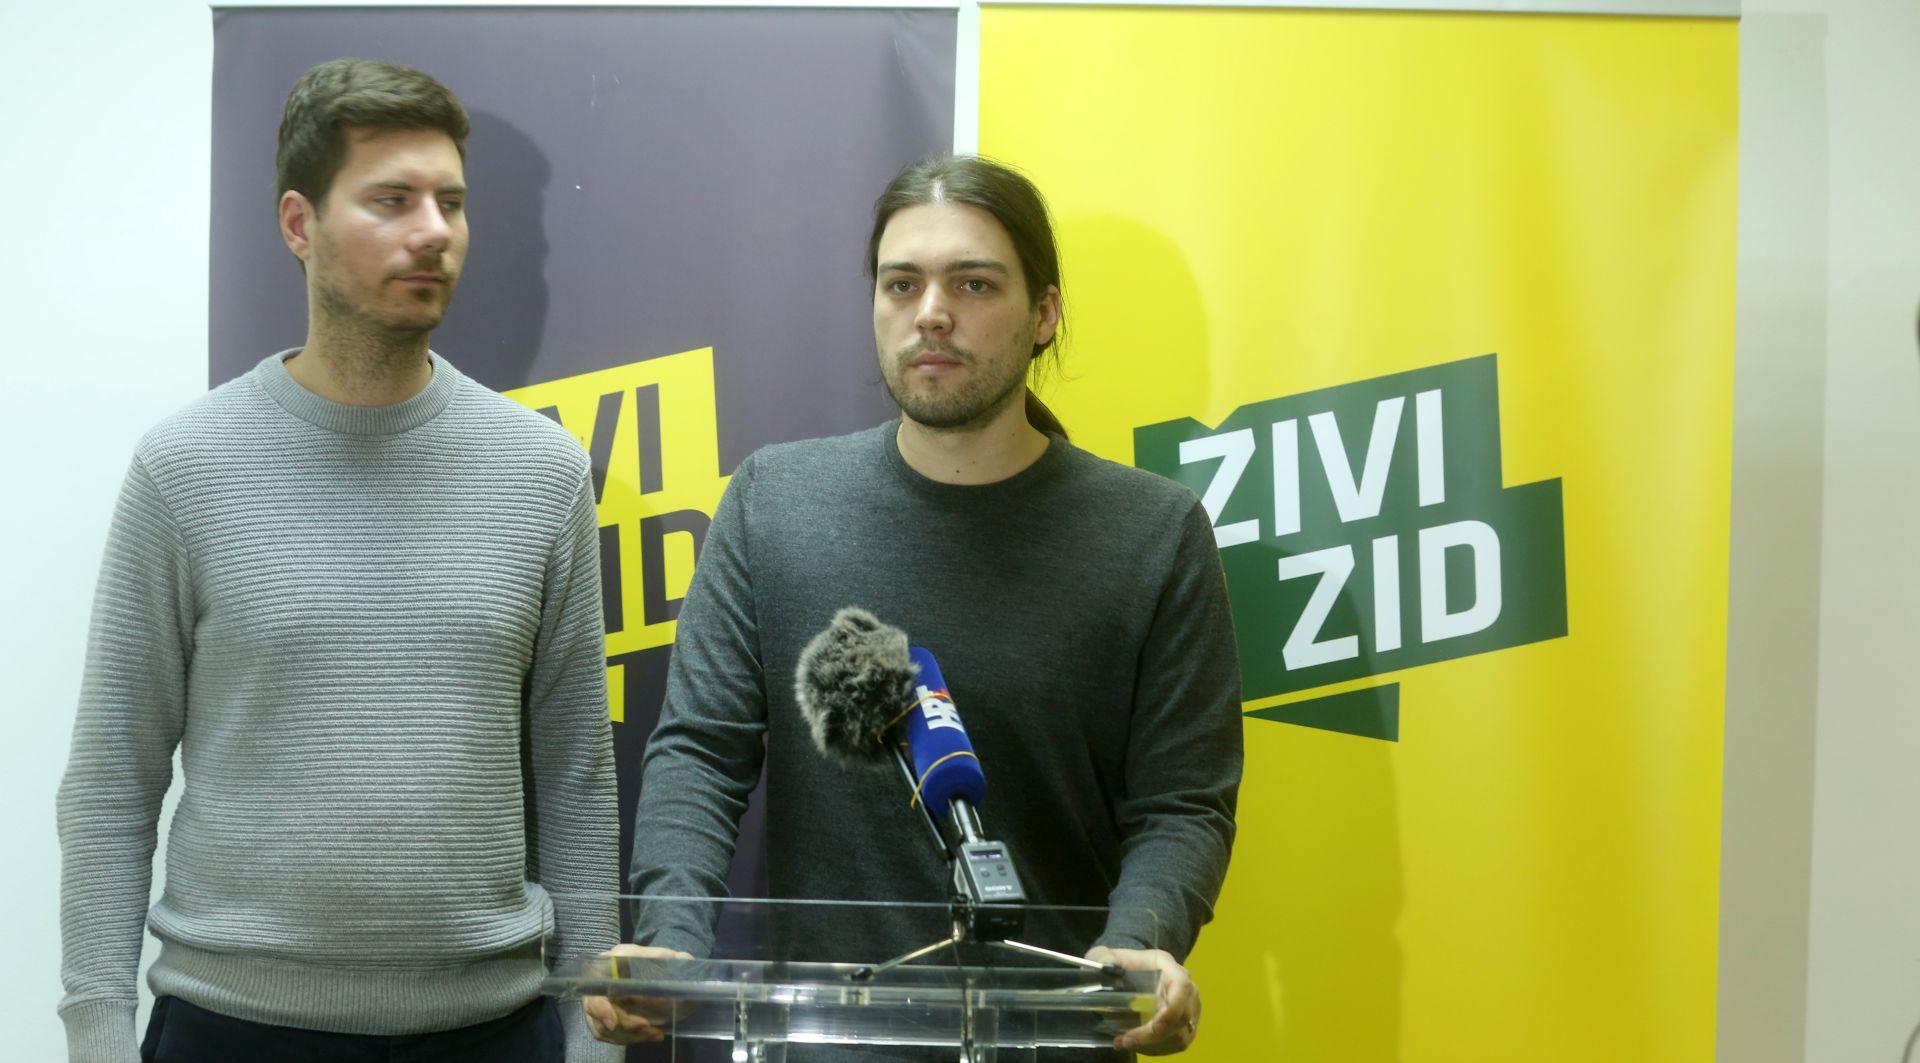 Živi zid podnio kaznenu prijavu protiv Bandića i Puh